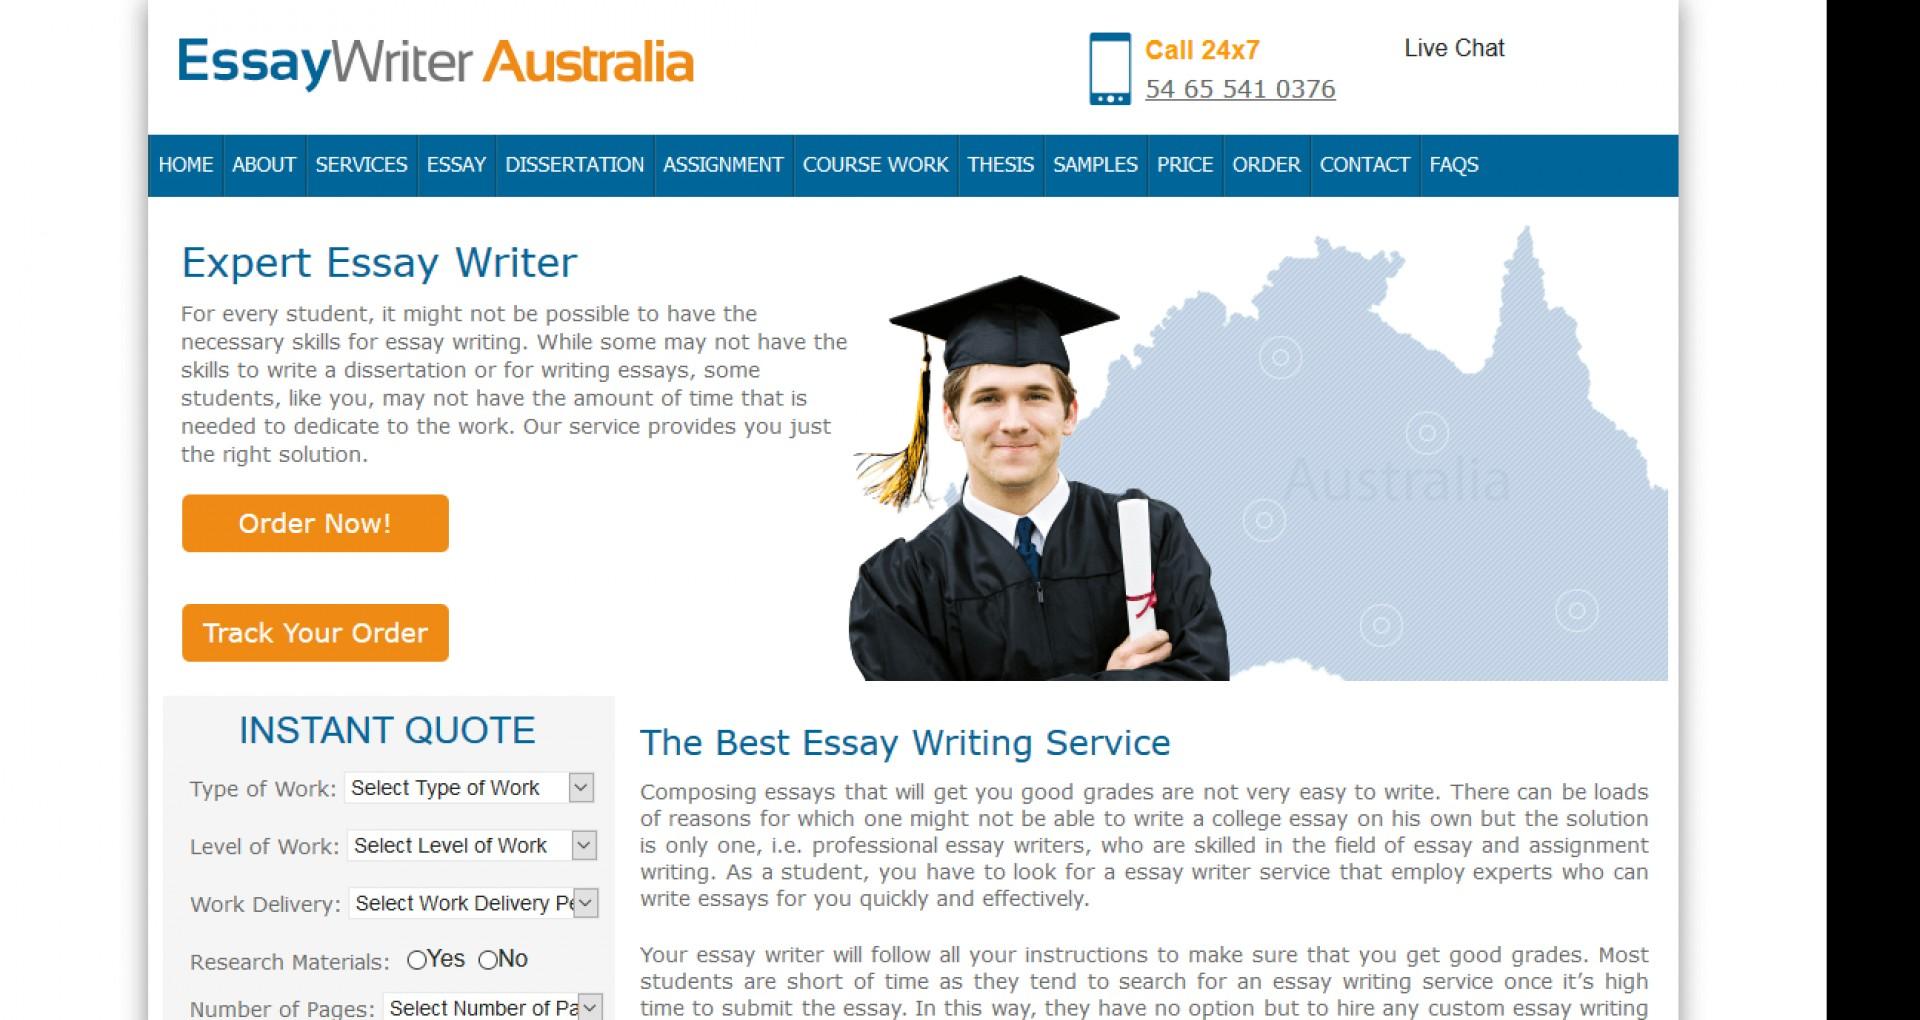 009 Essay Writer Com Example Essaywriter Au Outstanding My Writer.com Pro Writing Reviews Comparative 1920